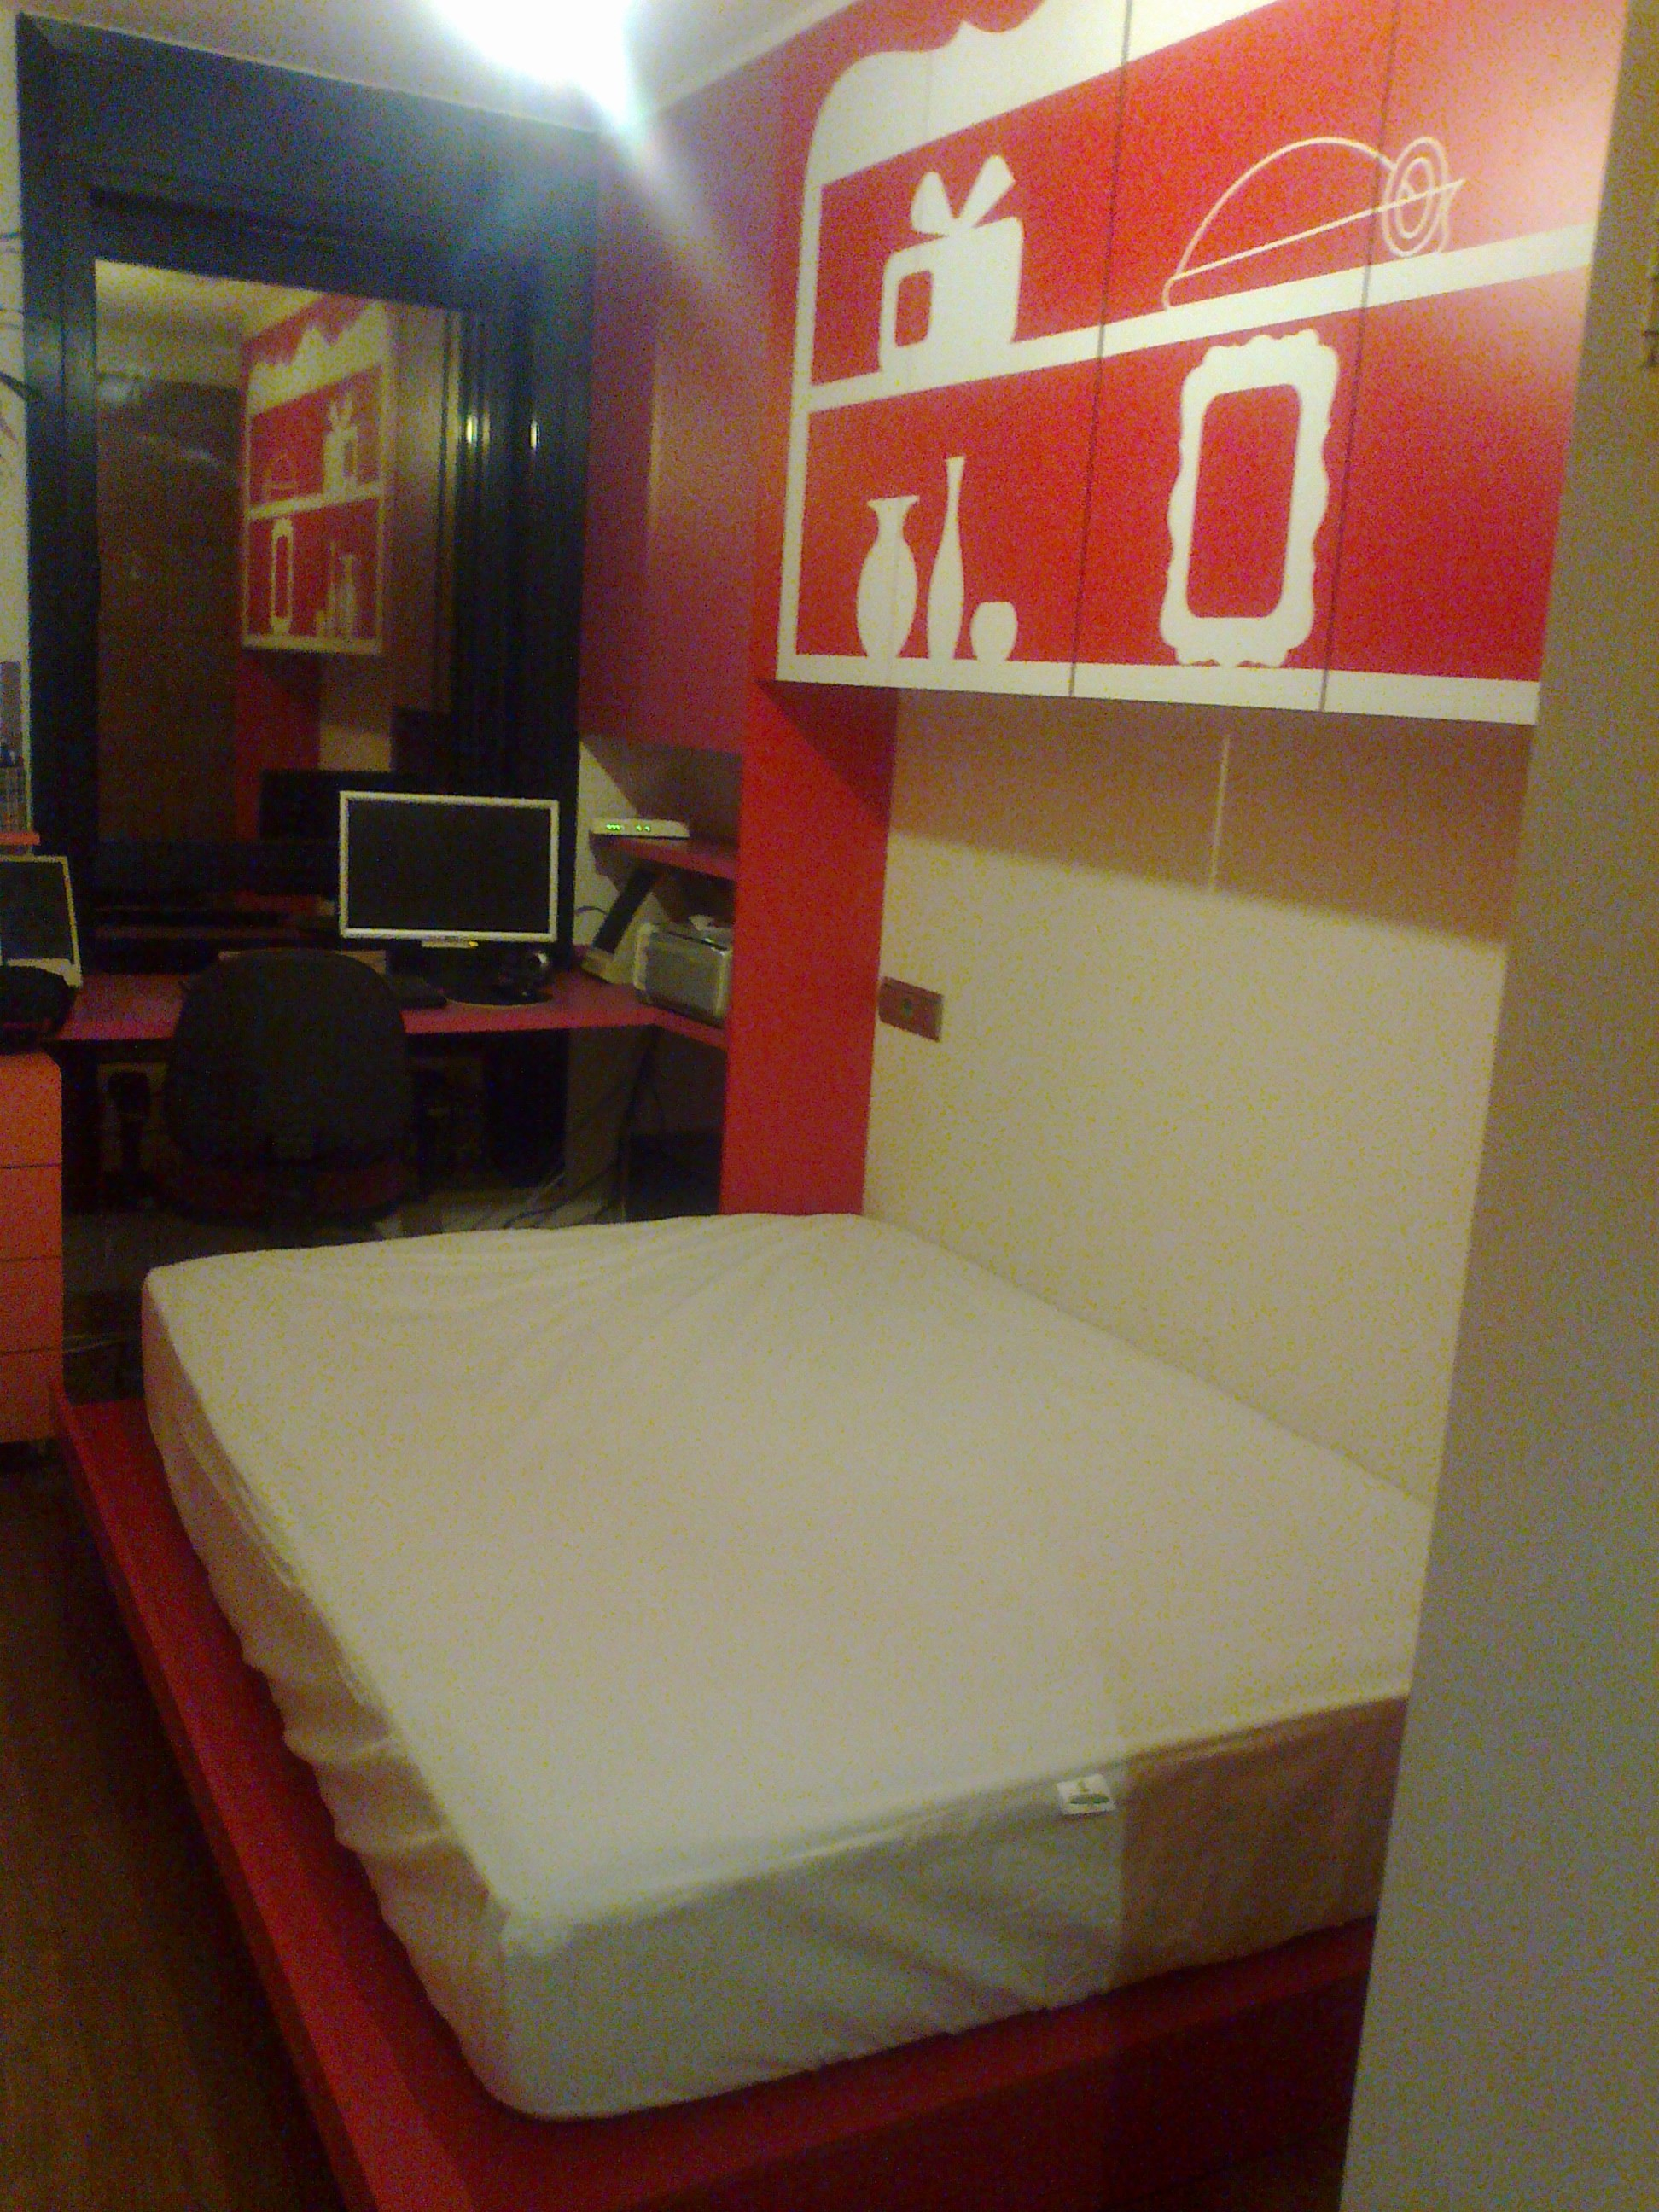 La cama es de matrimonio y sirve para ocasiones donde reciben invitados